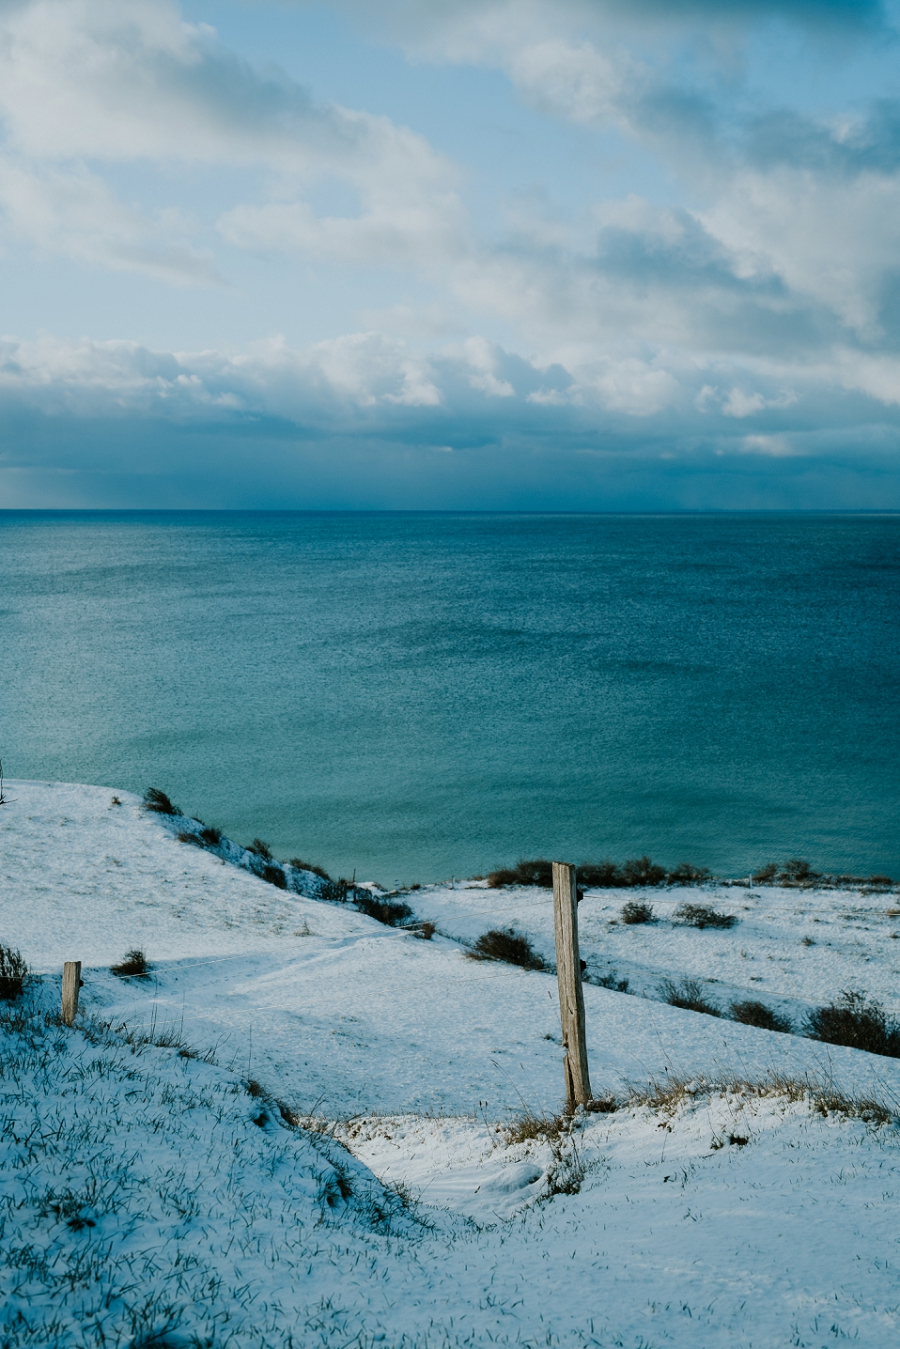 aeroe-winter_2348.jpg